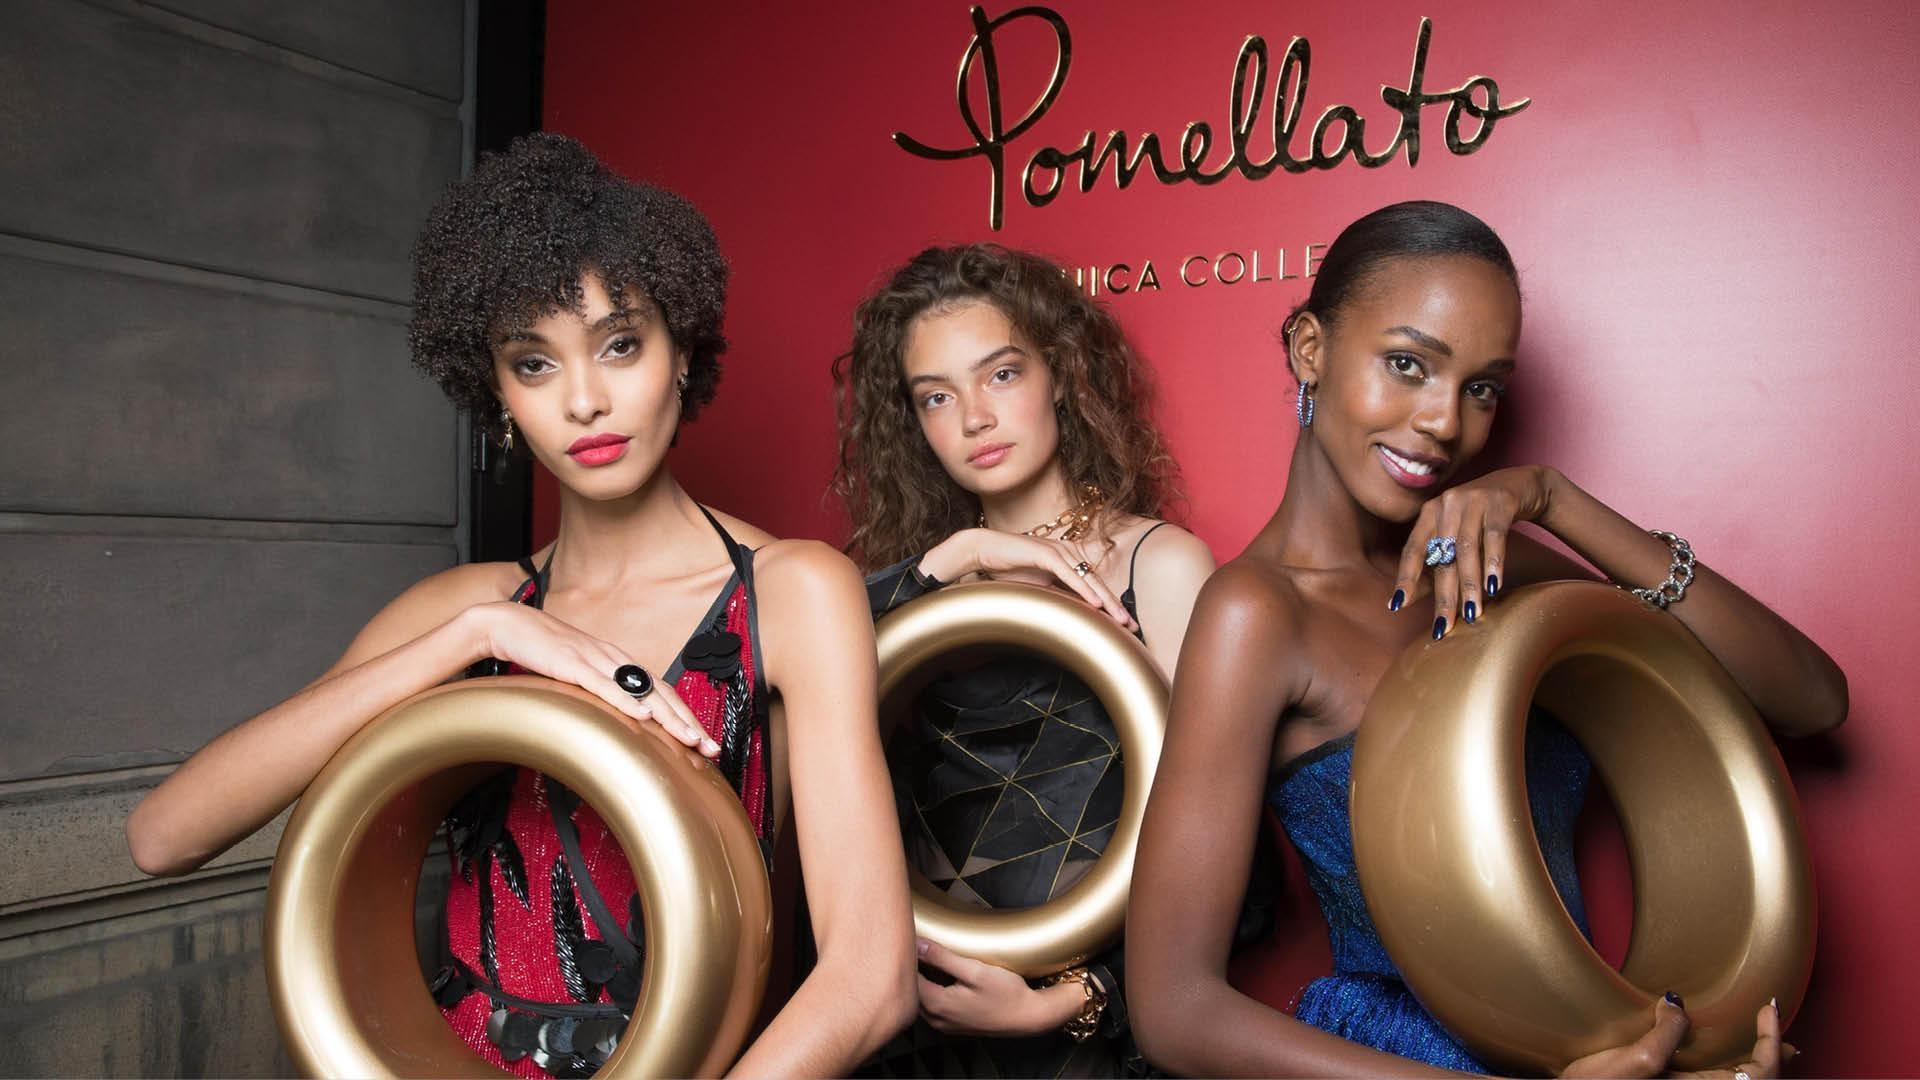 Pomellato Celebrates 50th Anniversary With New Iconica Collection